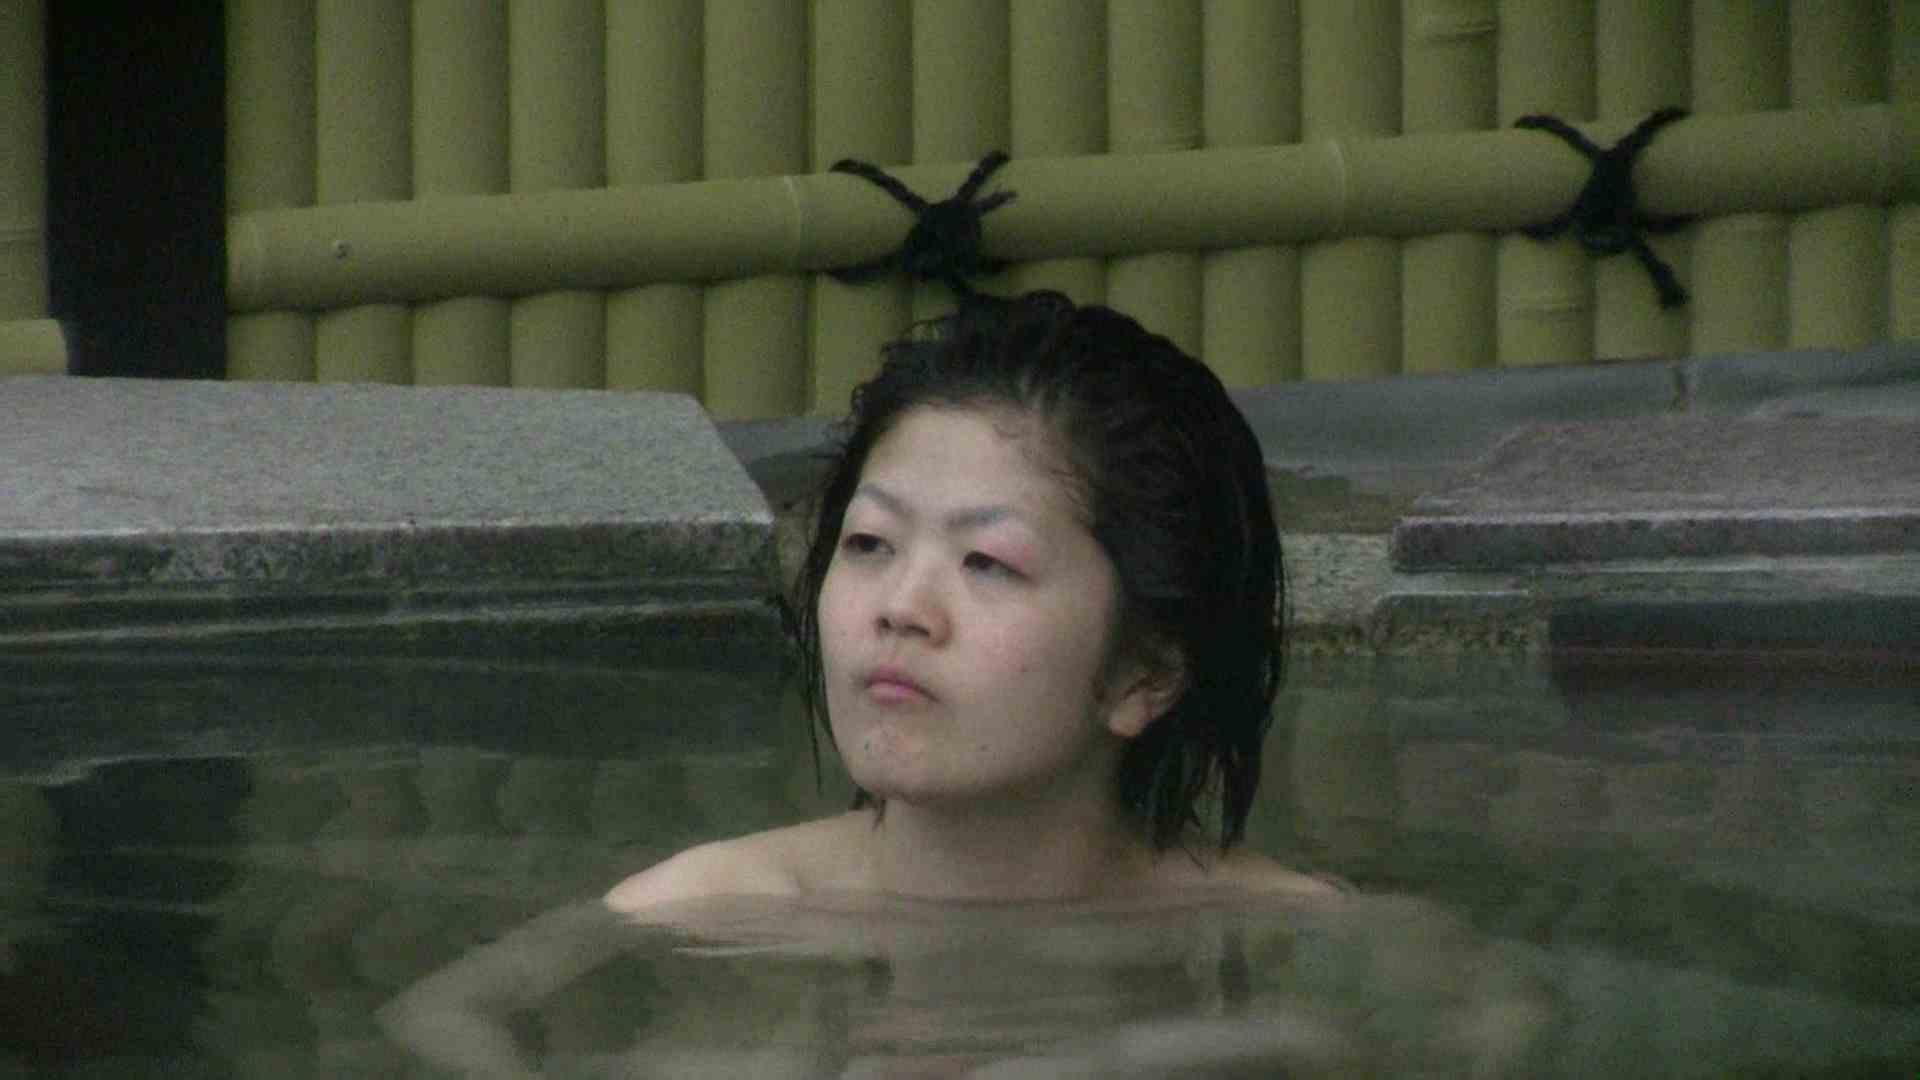 Aquaな露天風呂Vol.538 OLのエロ生活  90連発 57